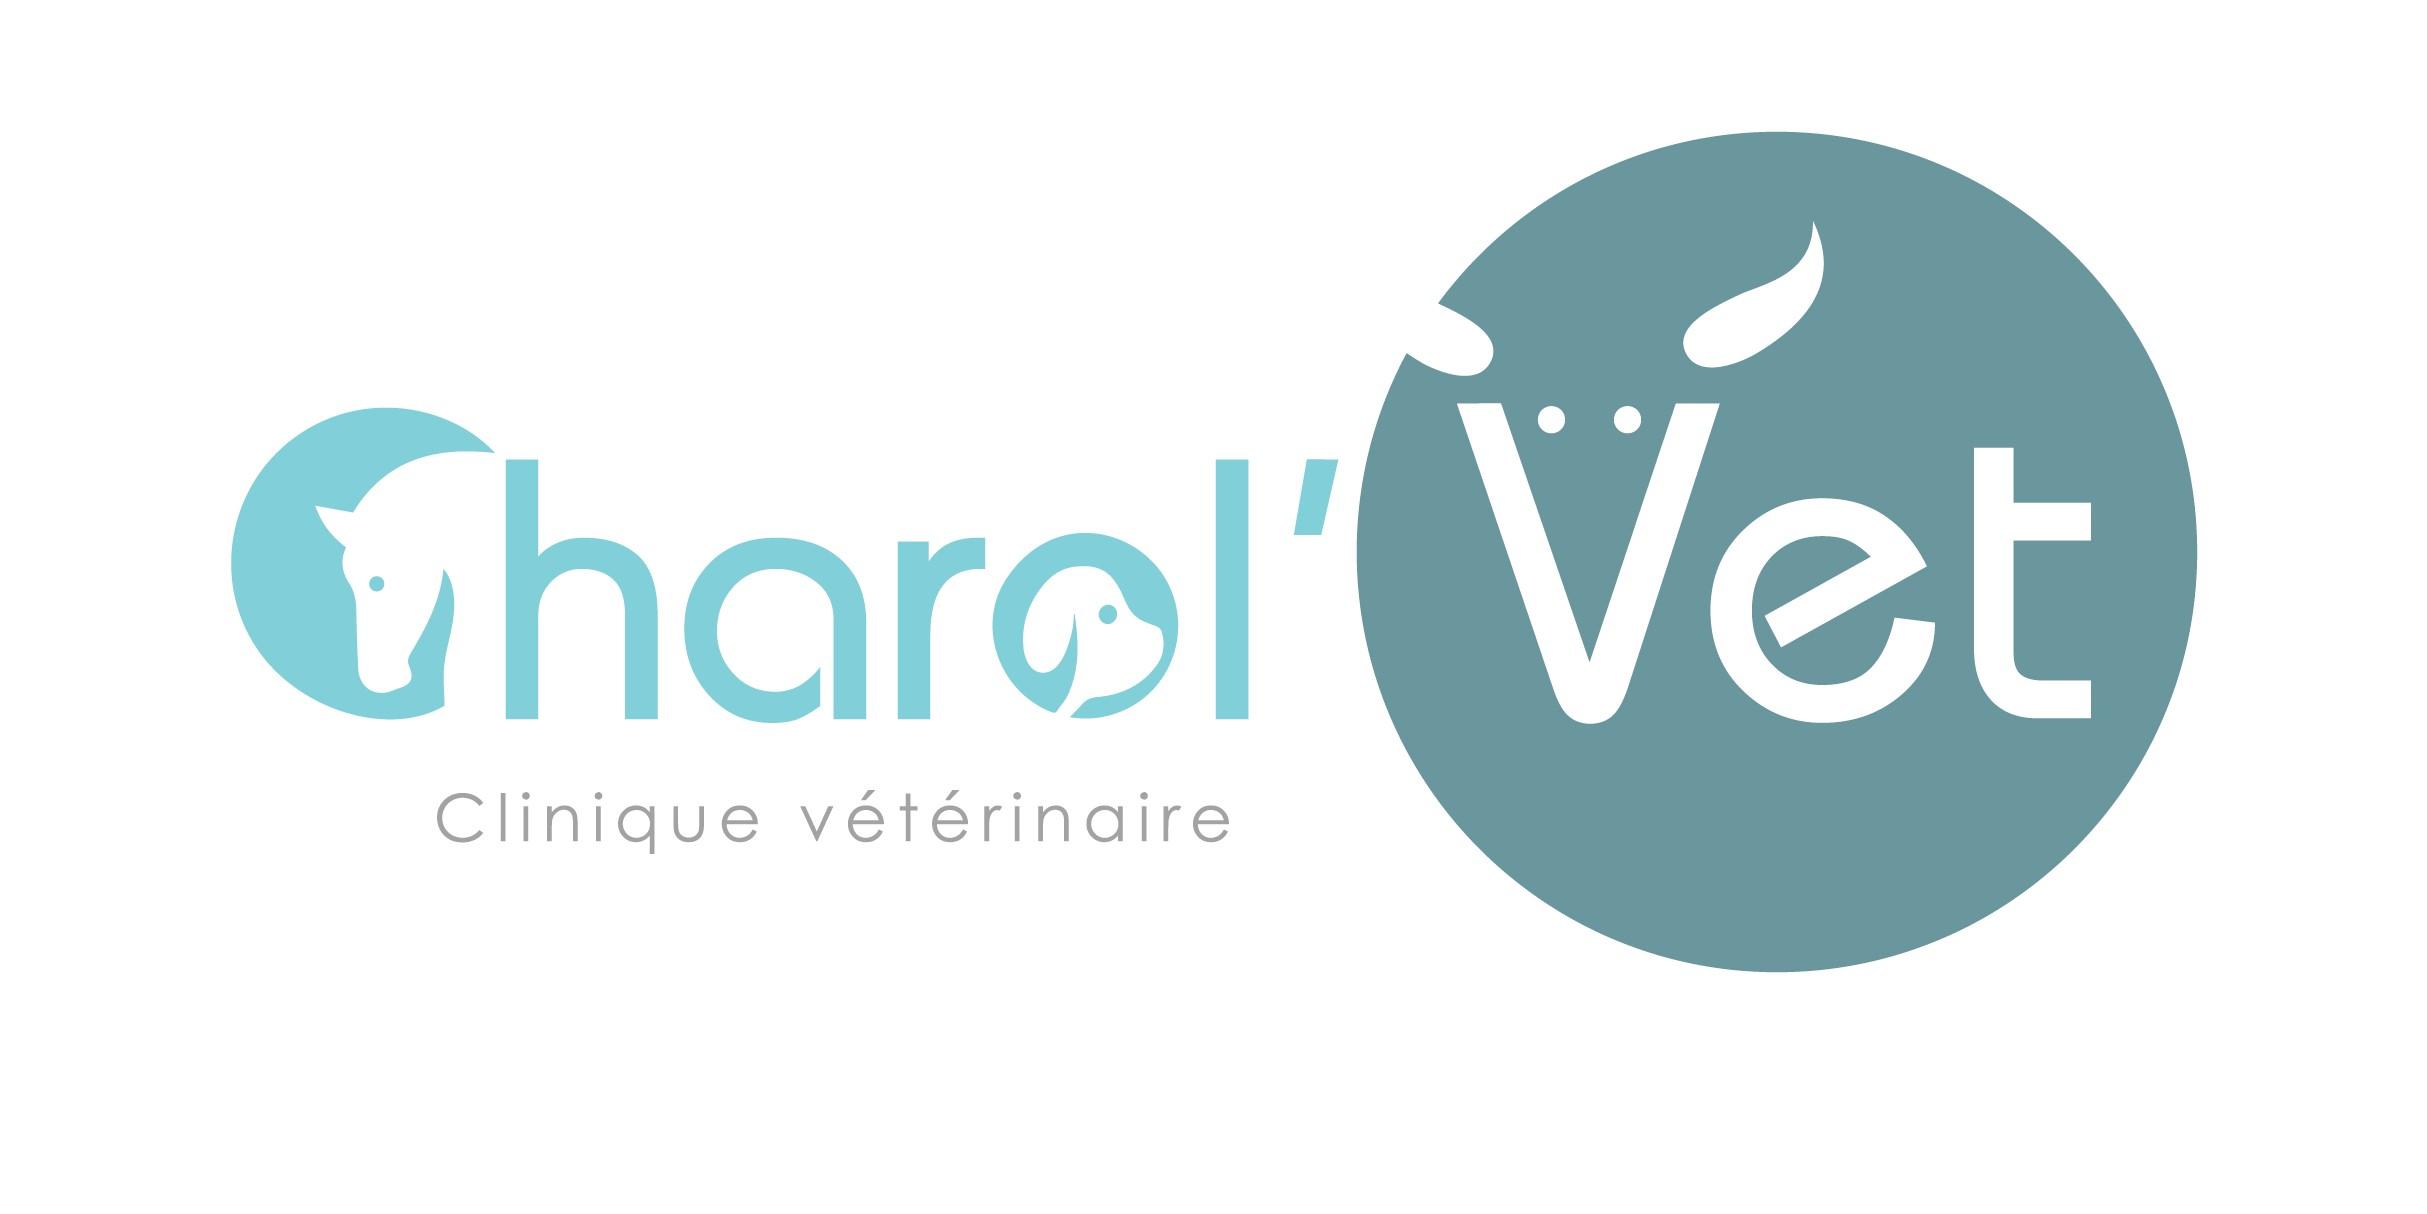 Clinique Vétérinaire Charol'Vet